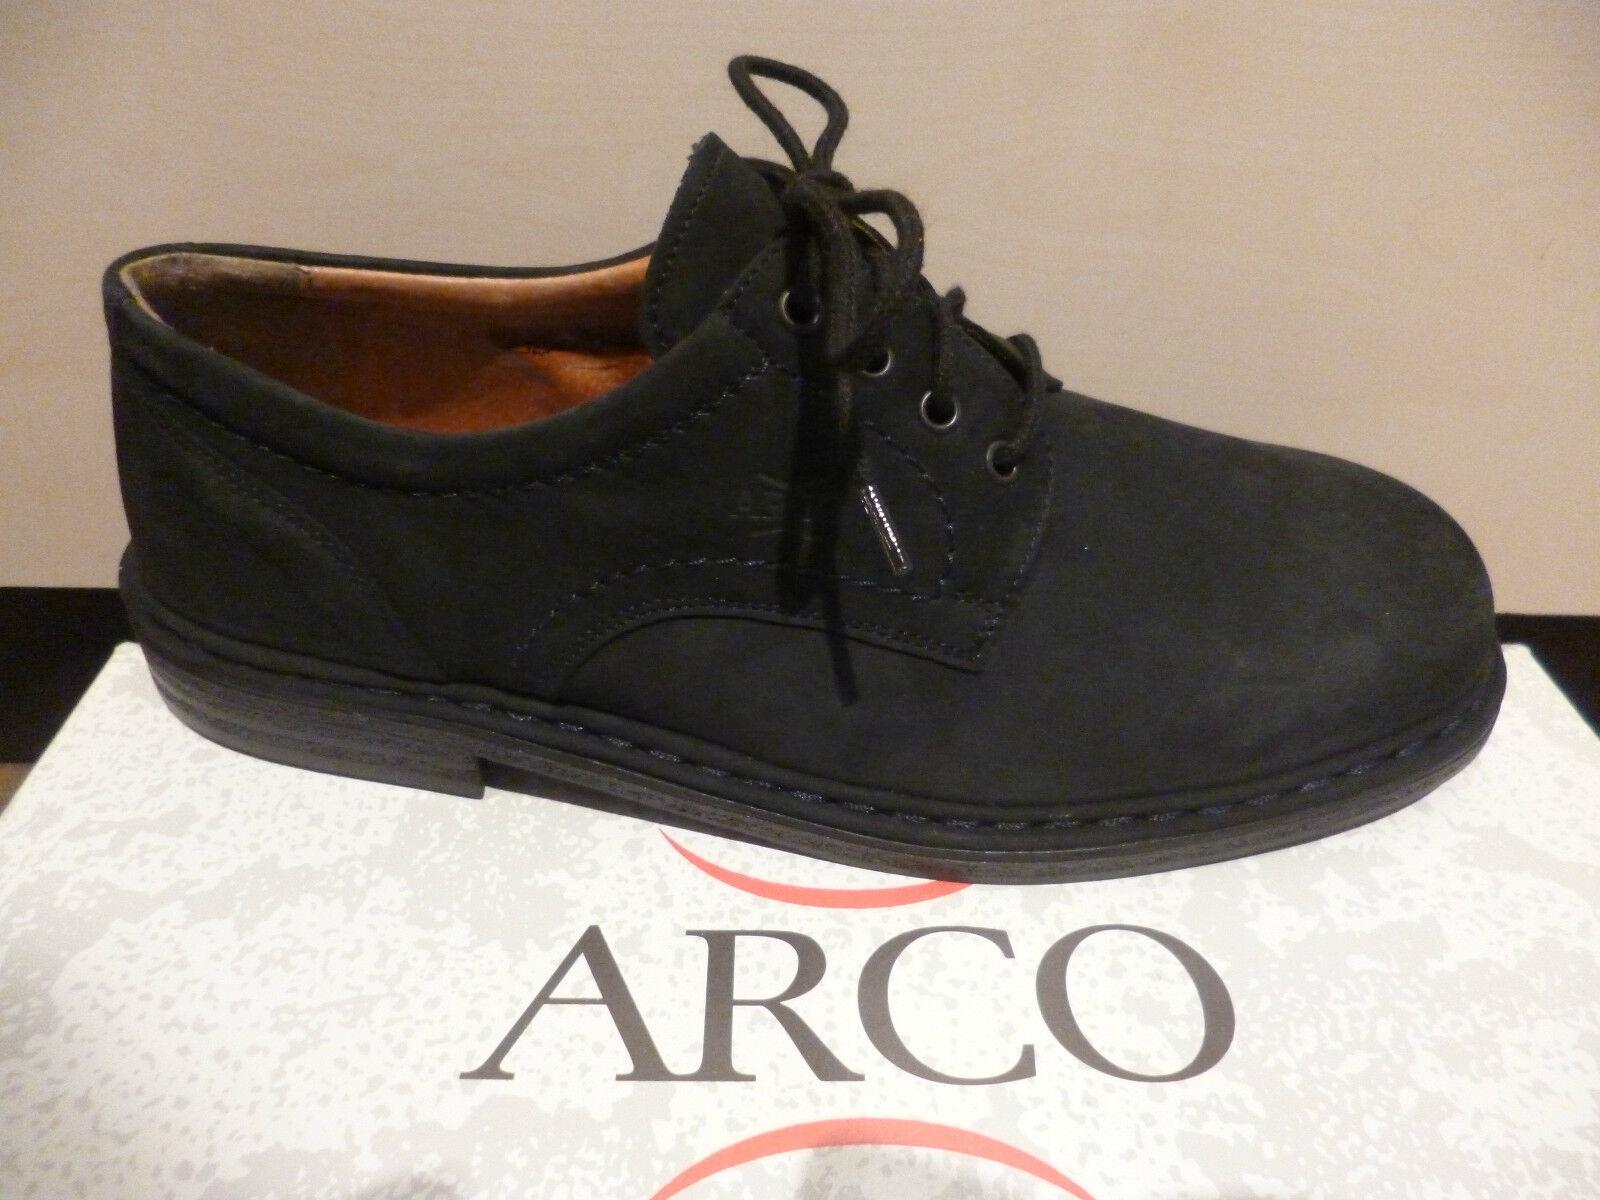 Arco Hombre Zapatos De Cordones Bajo Zapatillas CUERO AZUL TALLA 9 , 5/44 NUEVO